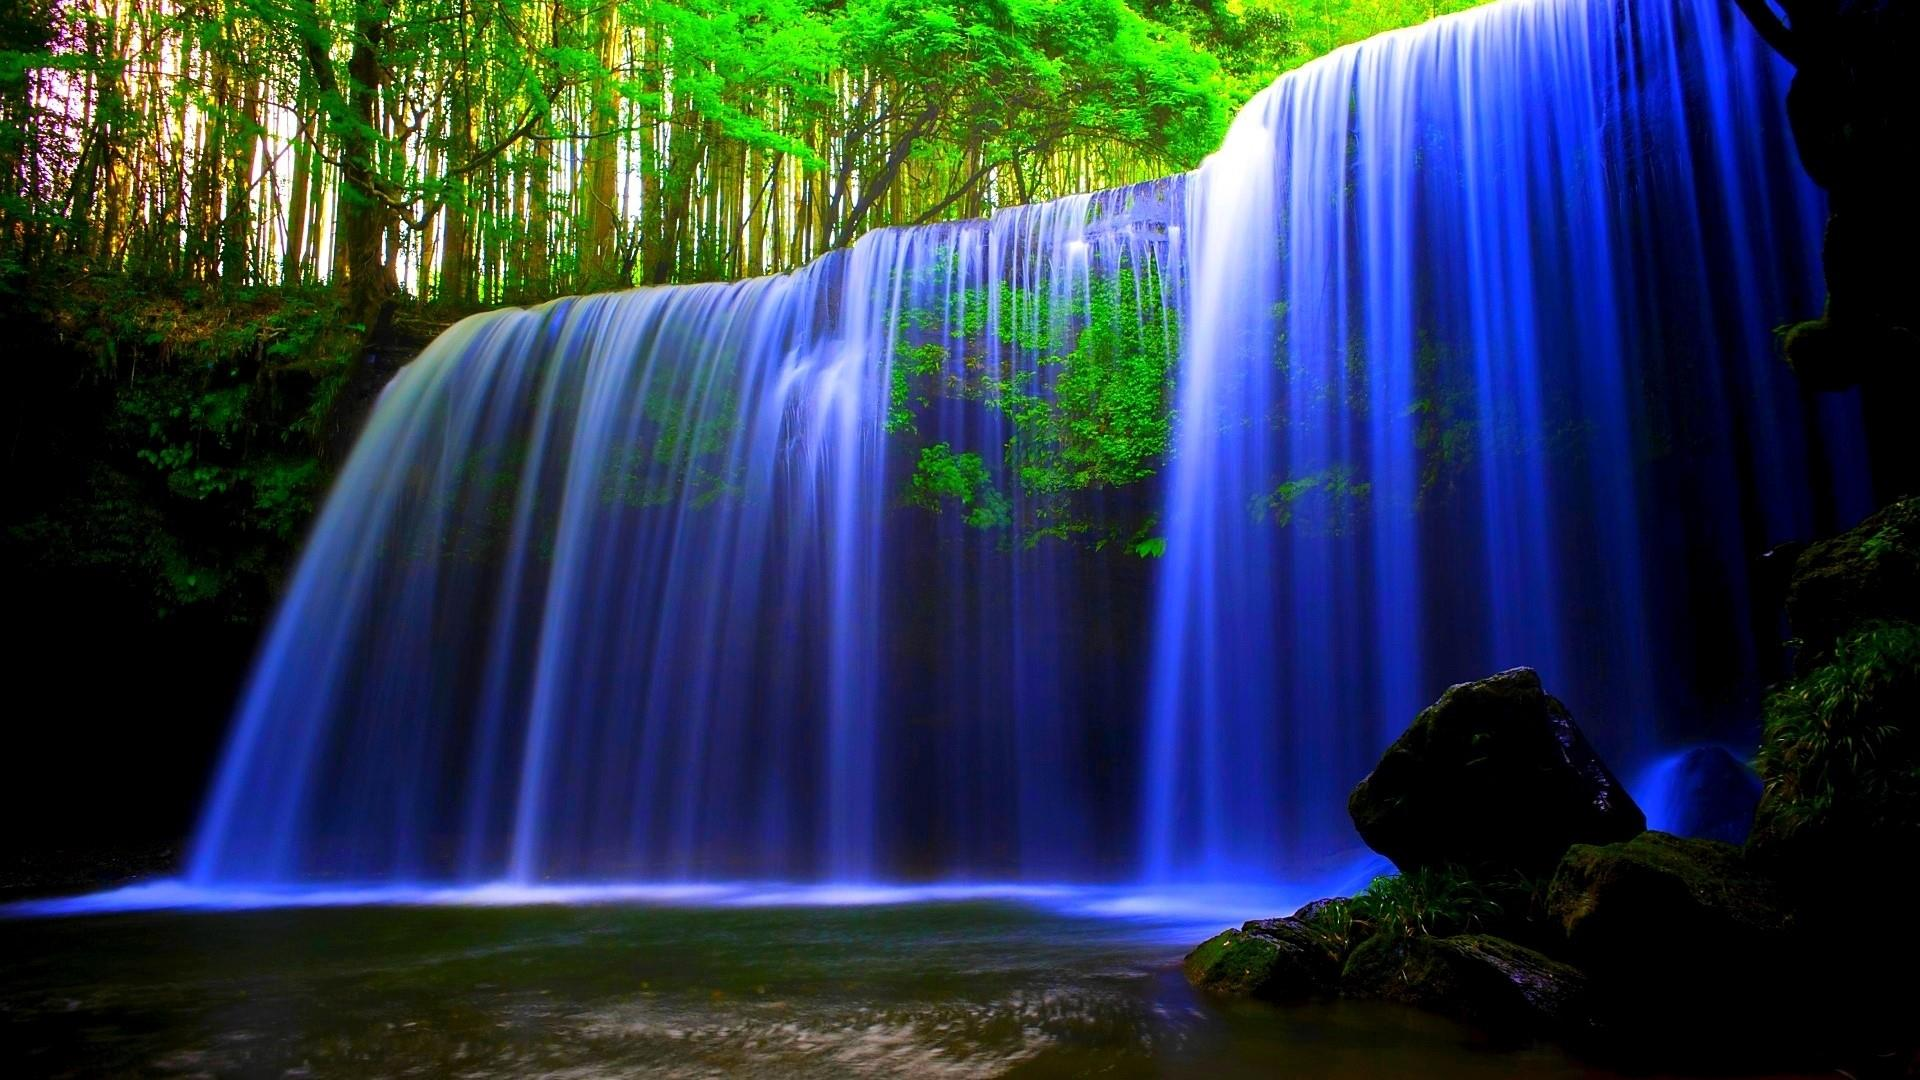 صوره صور من الطبيعة , صور معبرة الجمال الساحر للطبيعه